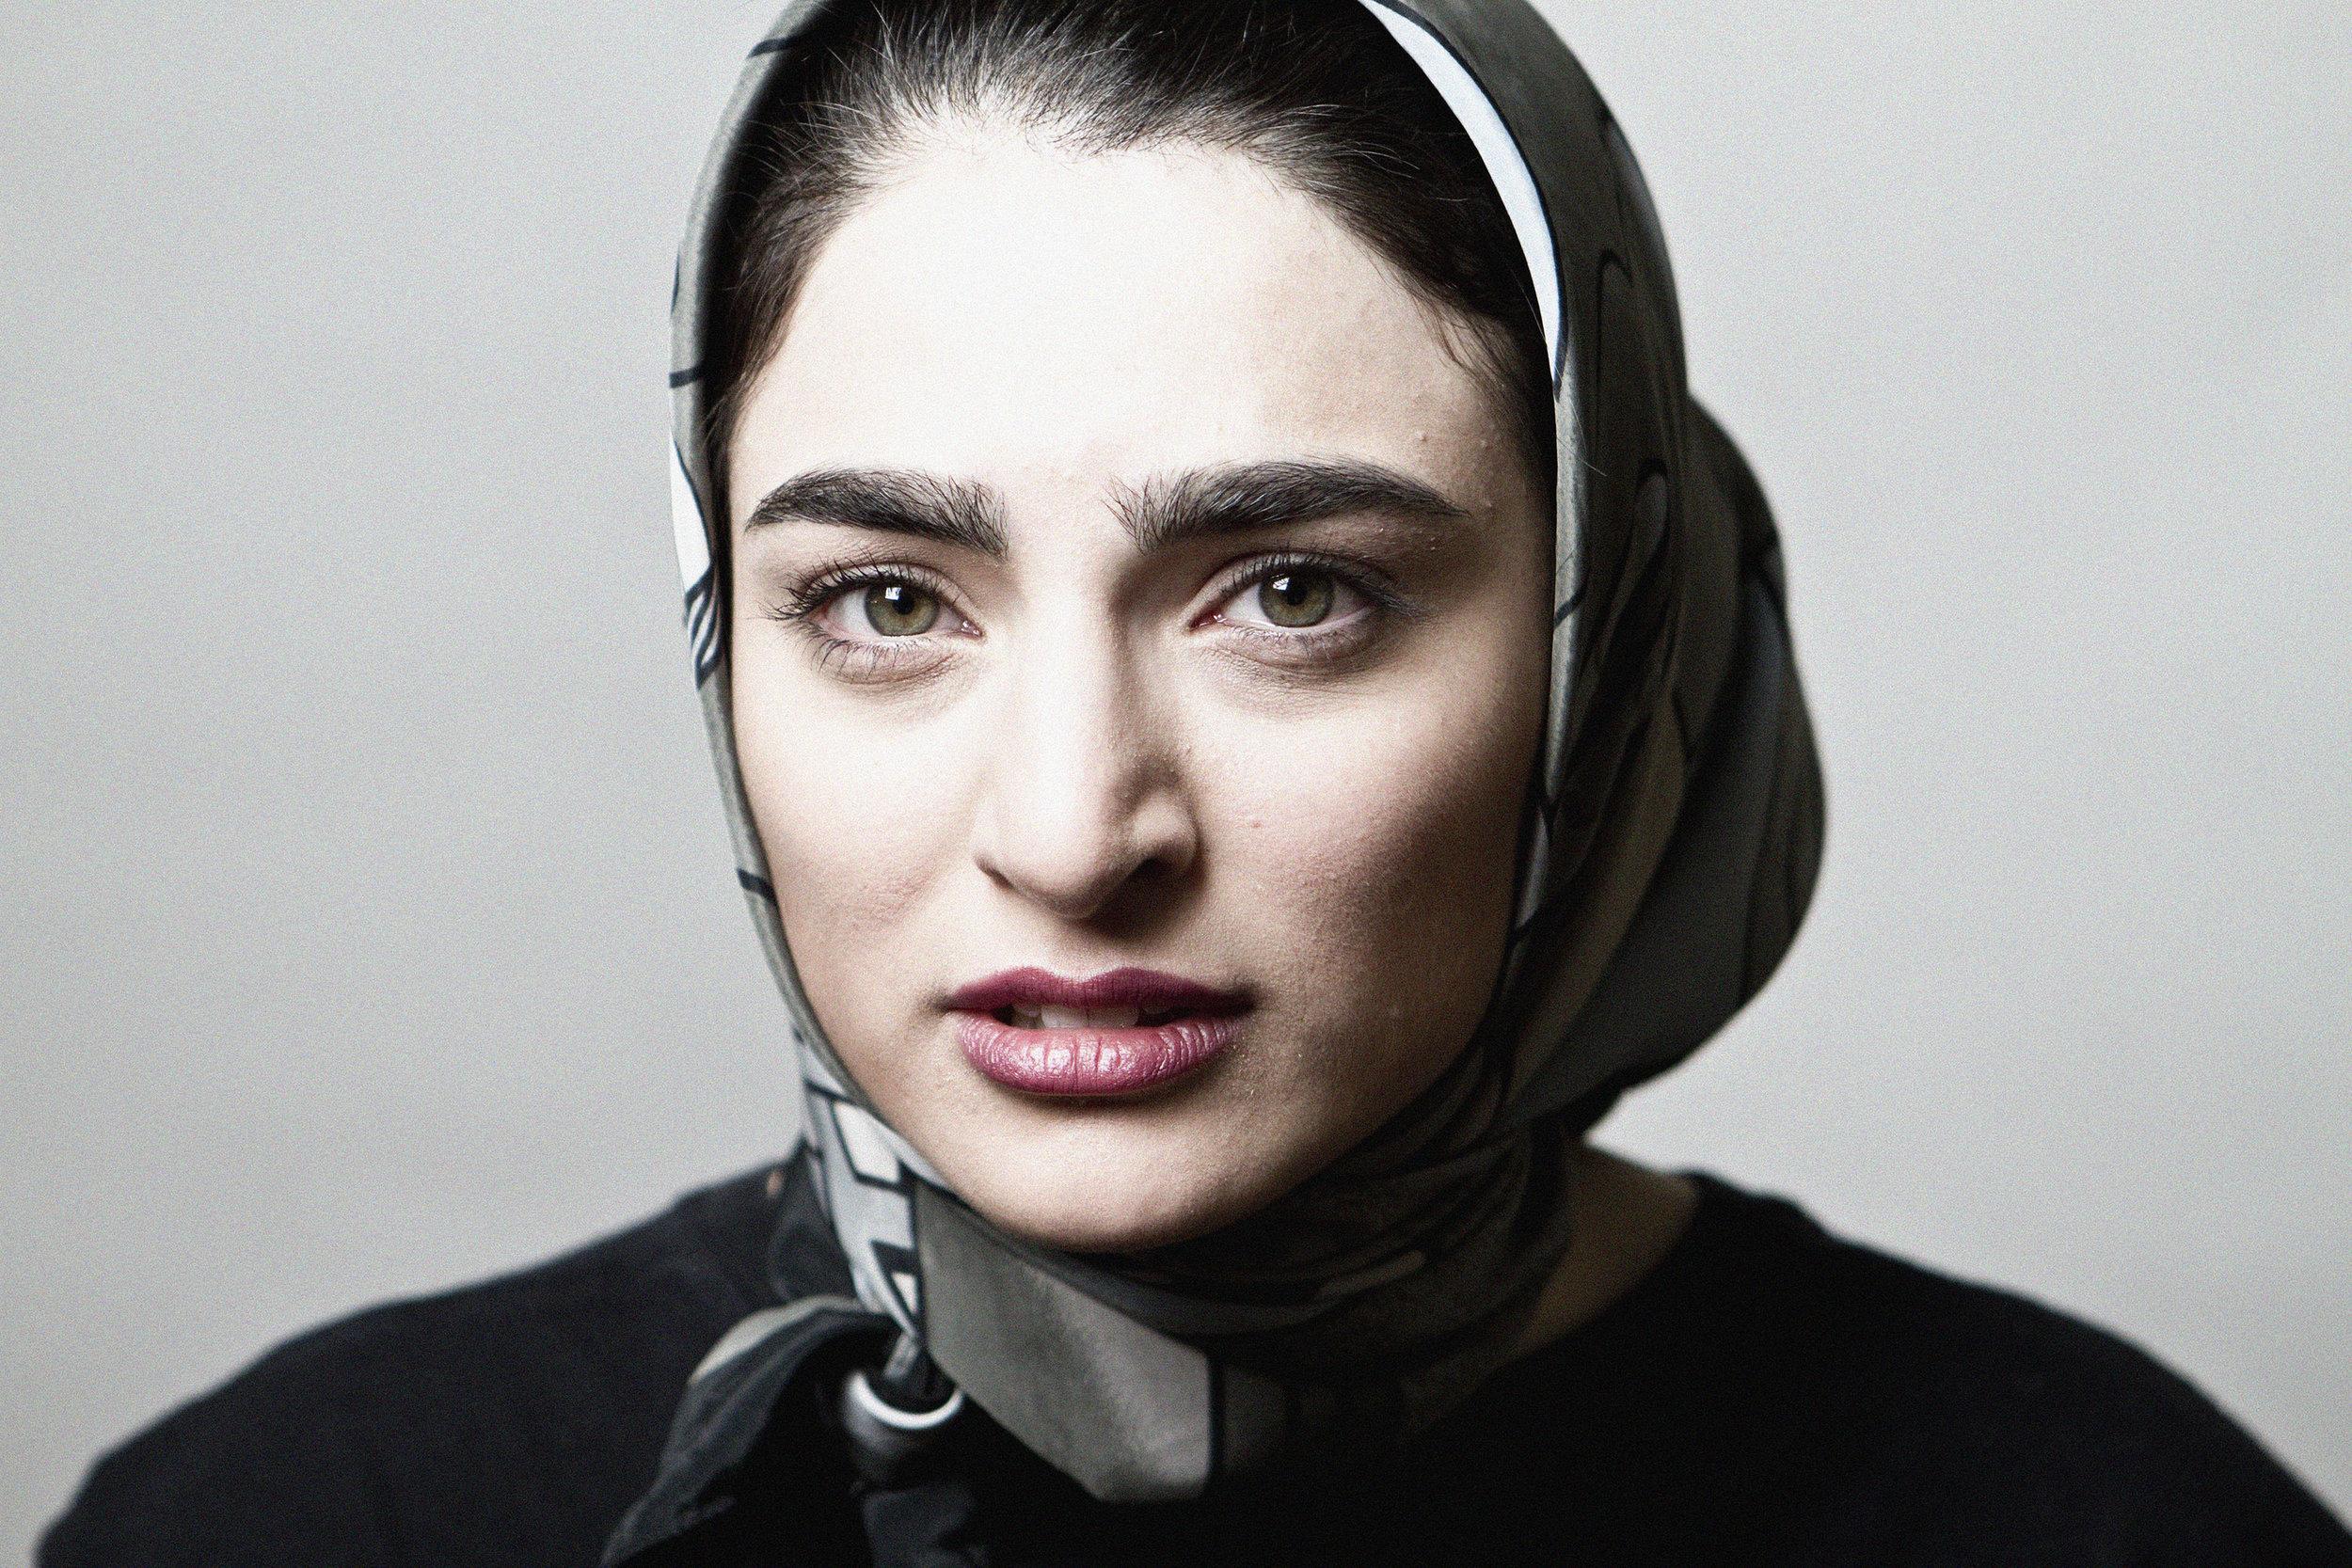 Bahar Beihaghi. Actor. Word- islamophobia